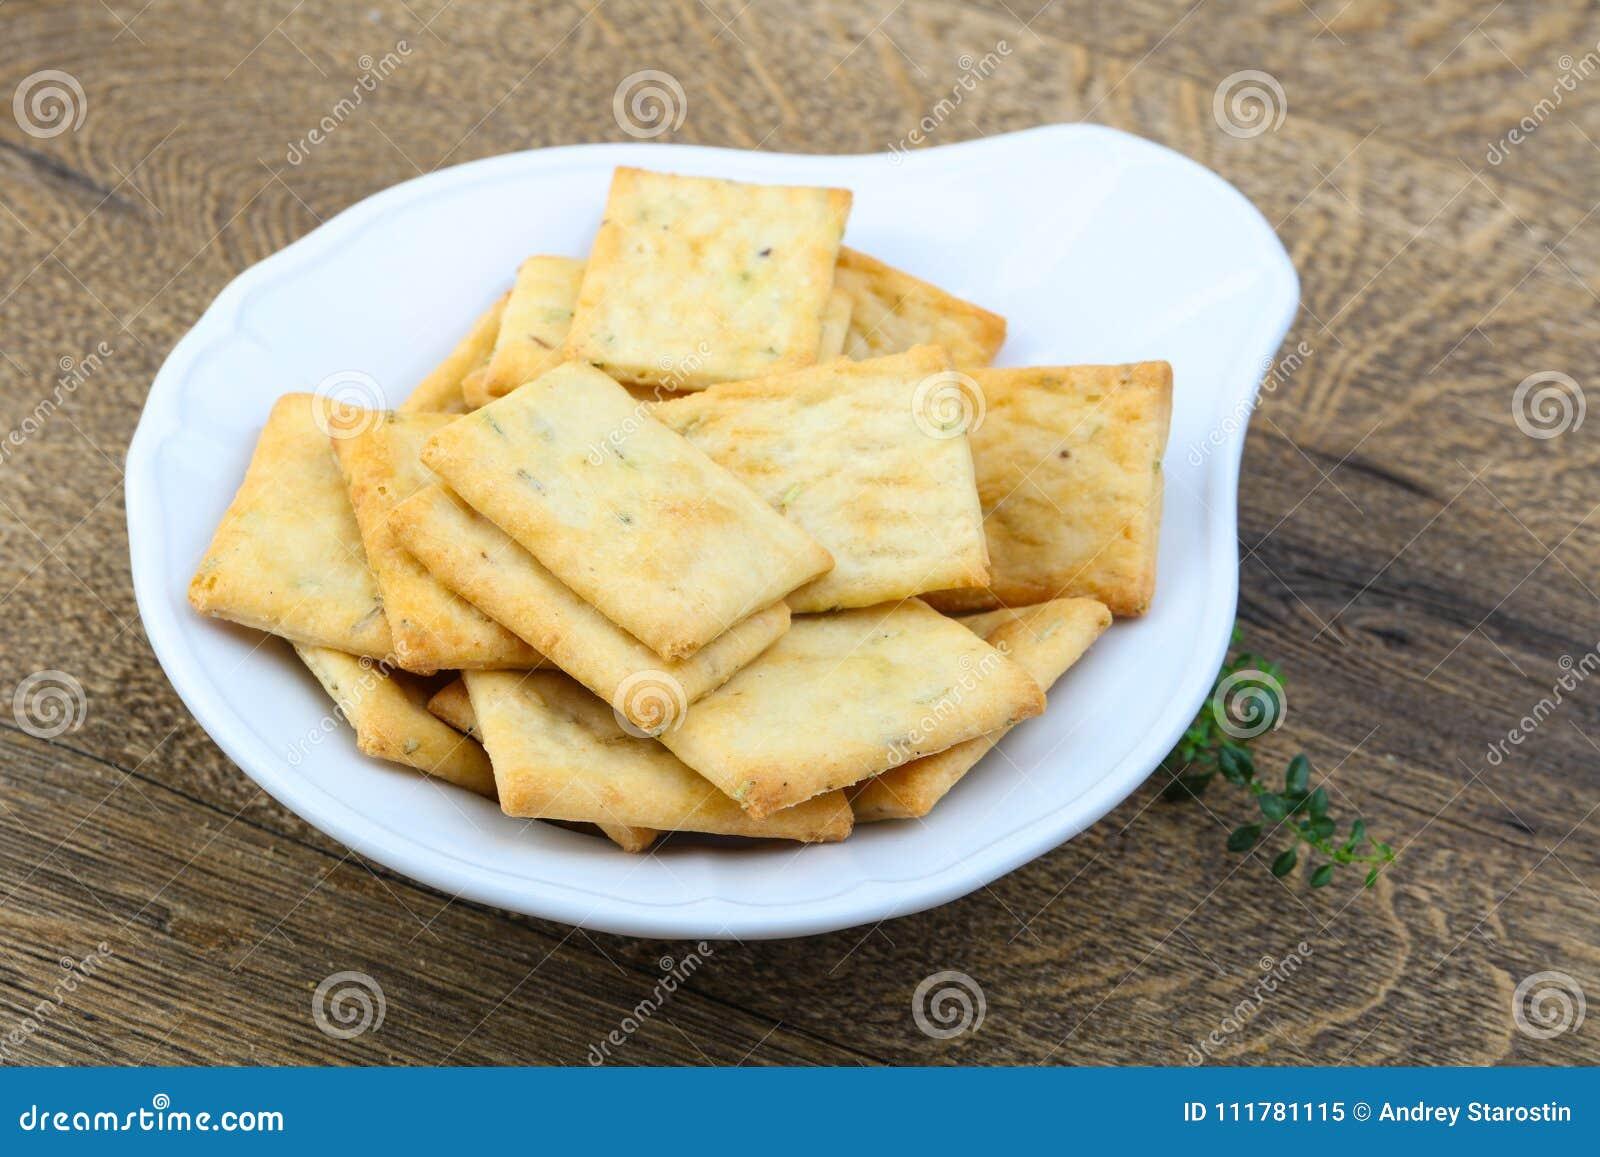 Biscuits dans la cuvette